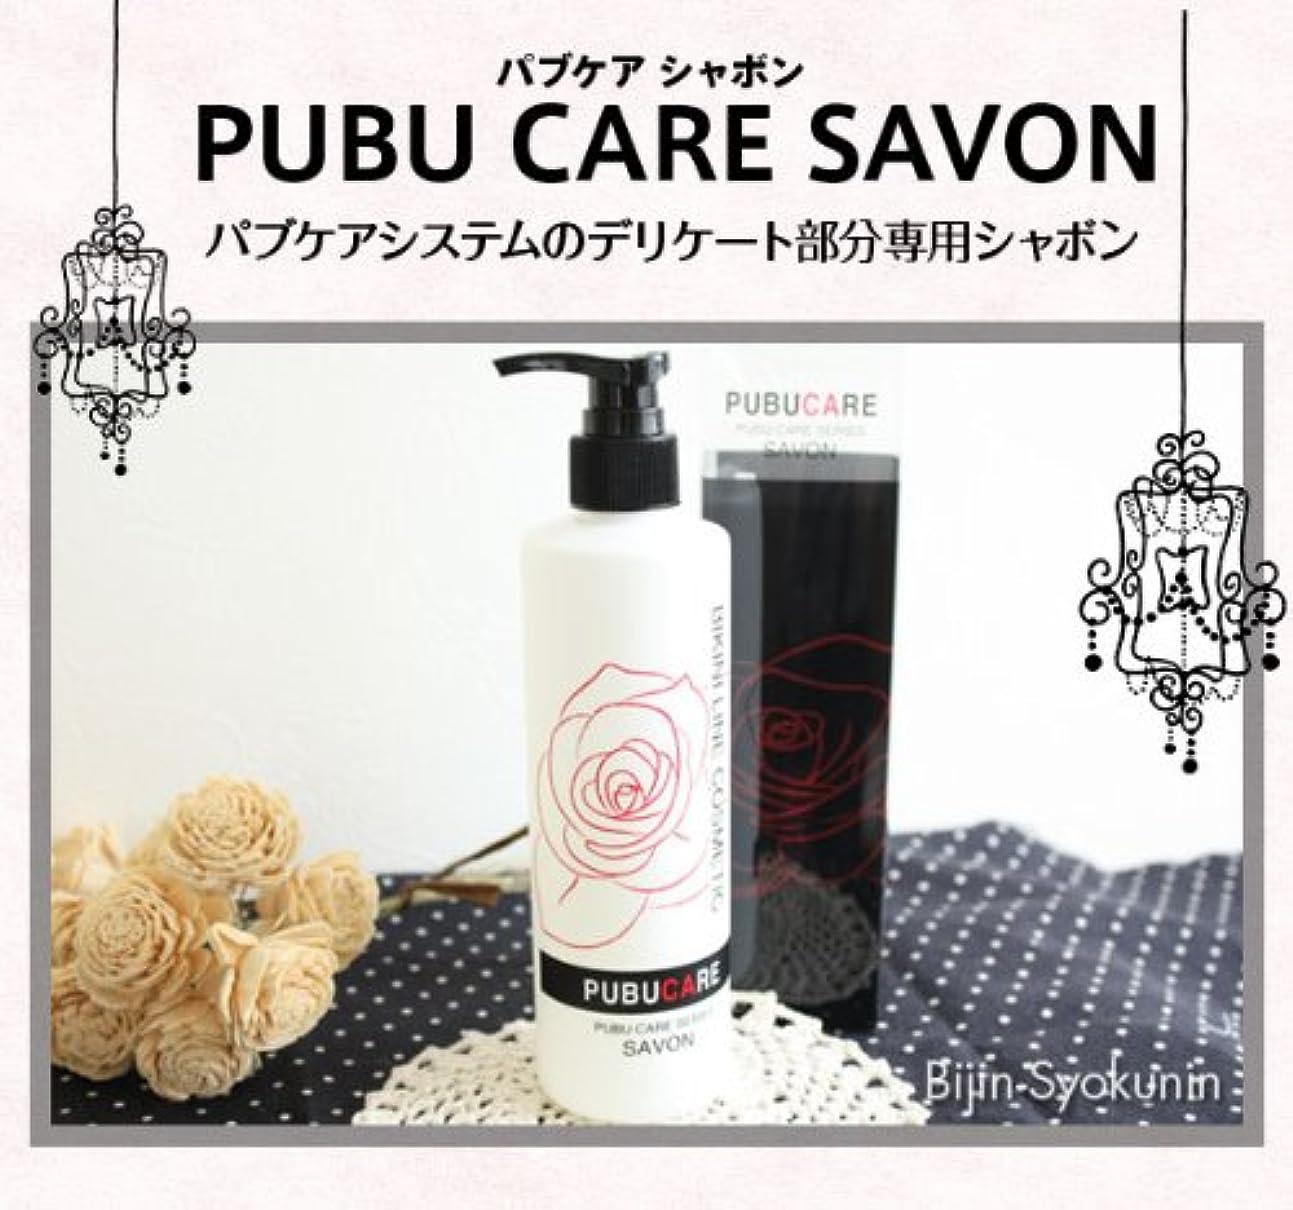 検出名目上のうれしいパブケア シャボン PUBUCARE SAVON 290ml